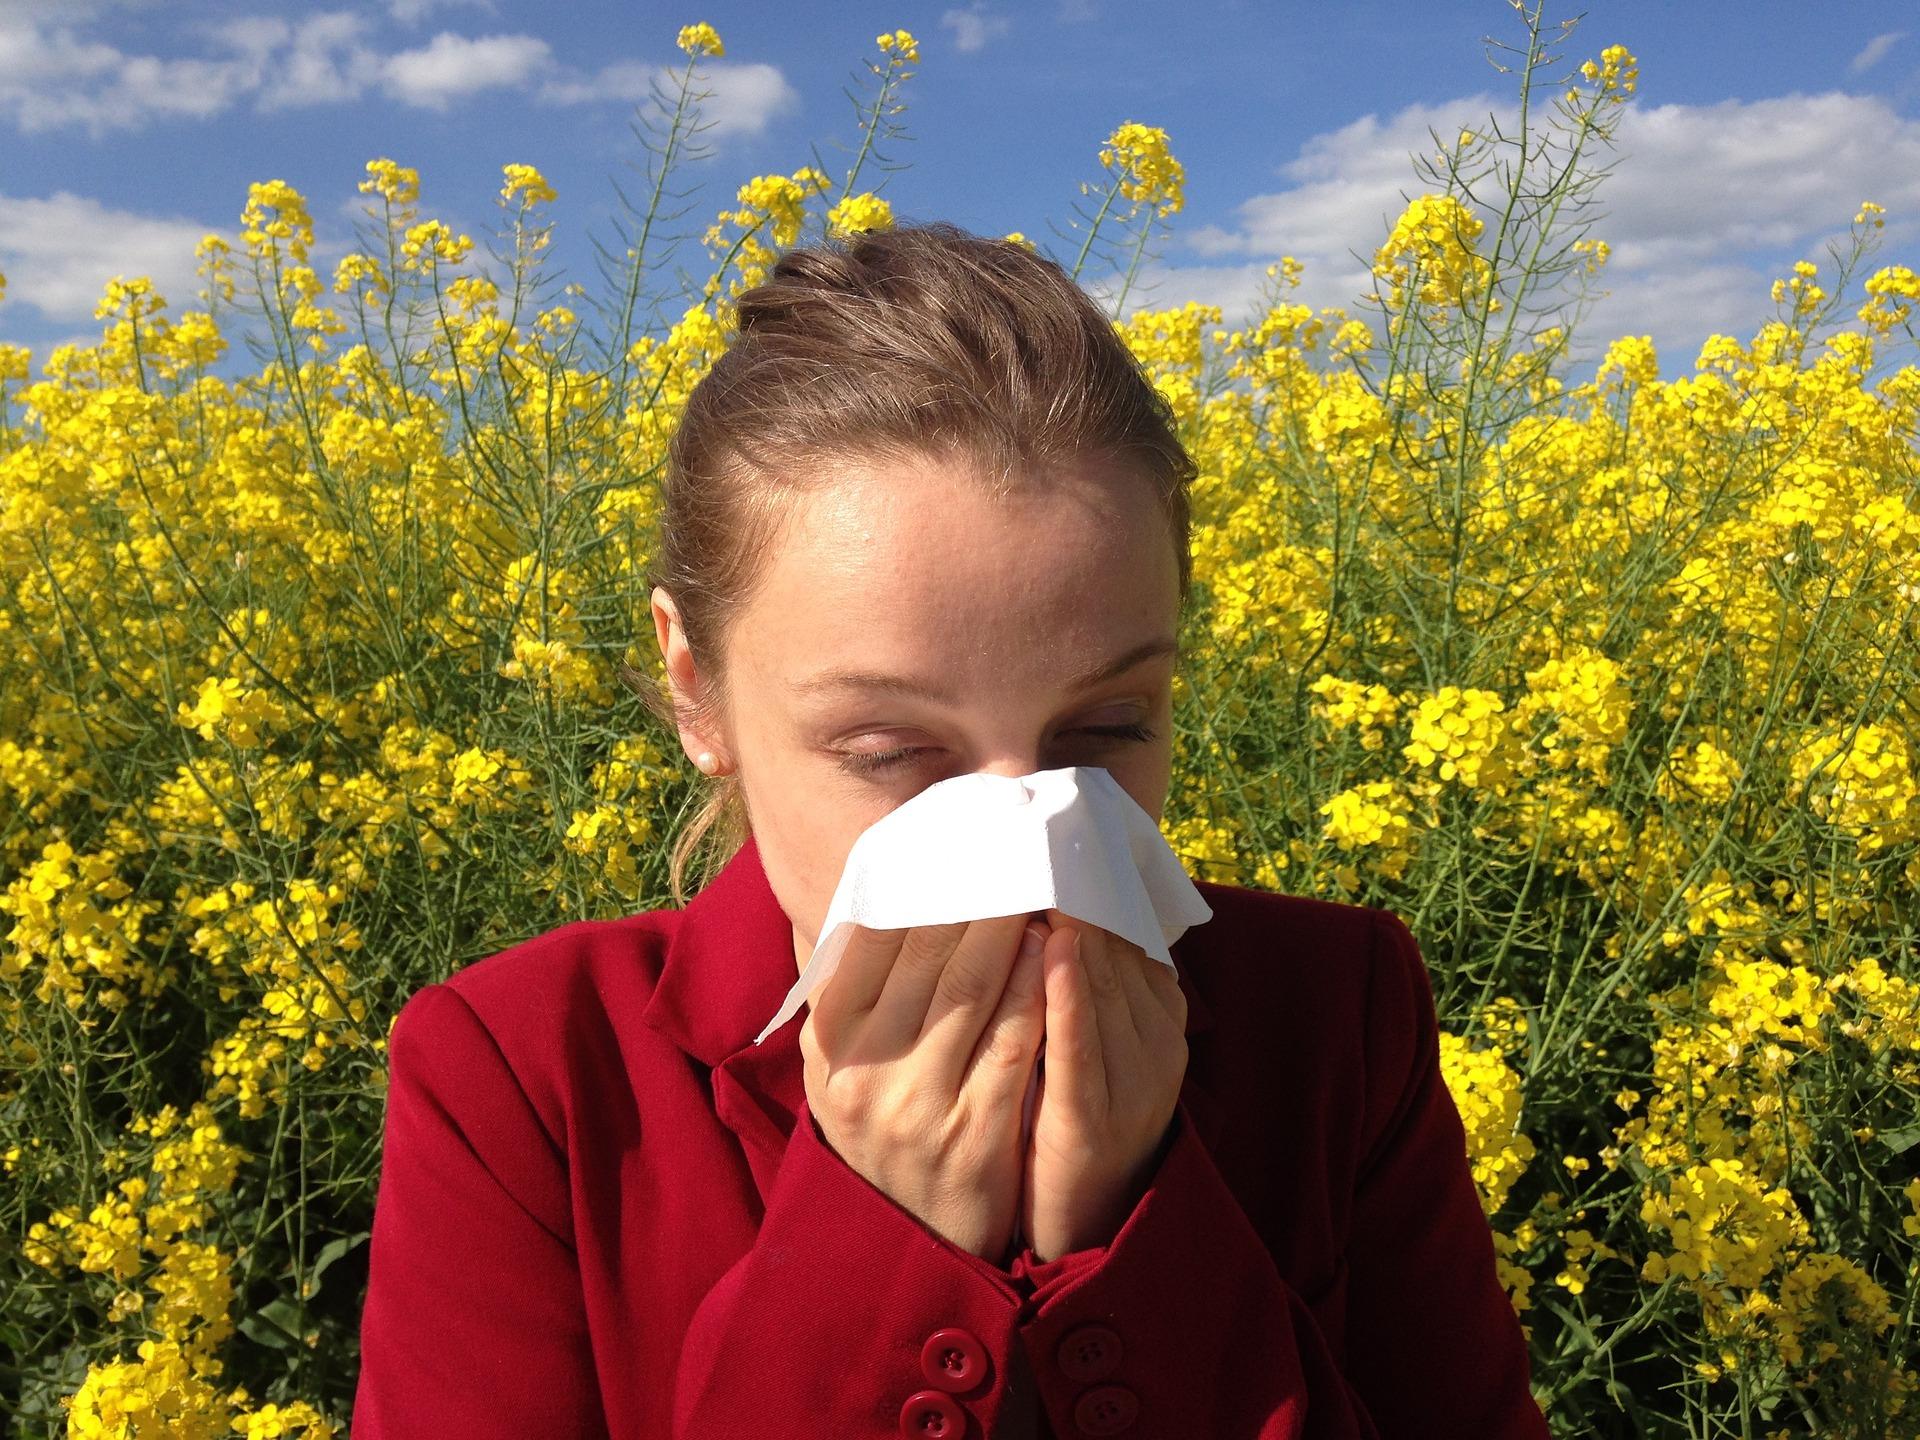 Congestión nasal ocasionado por la alergia